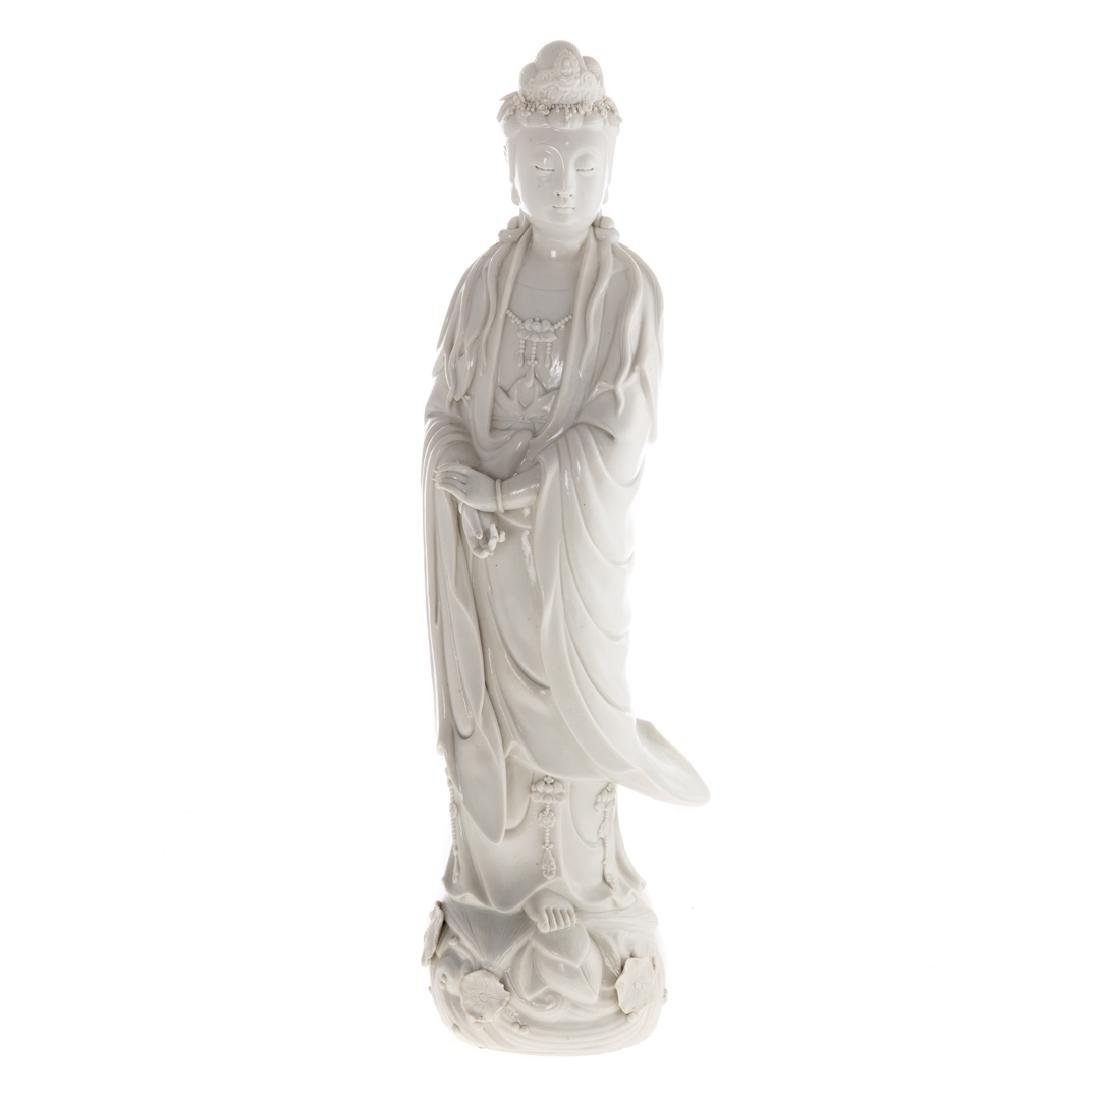 Chinese Blanc-de-Chine porcelain Quan yin